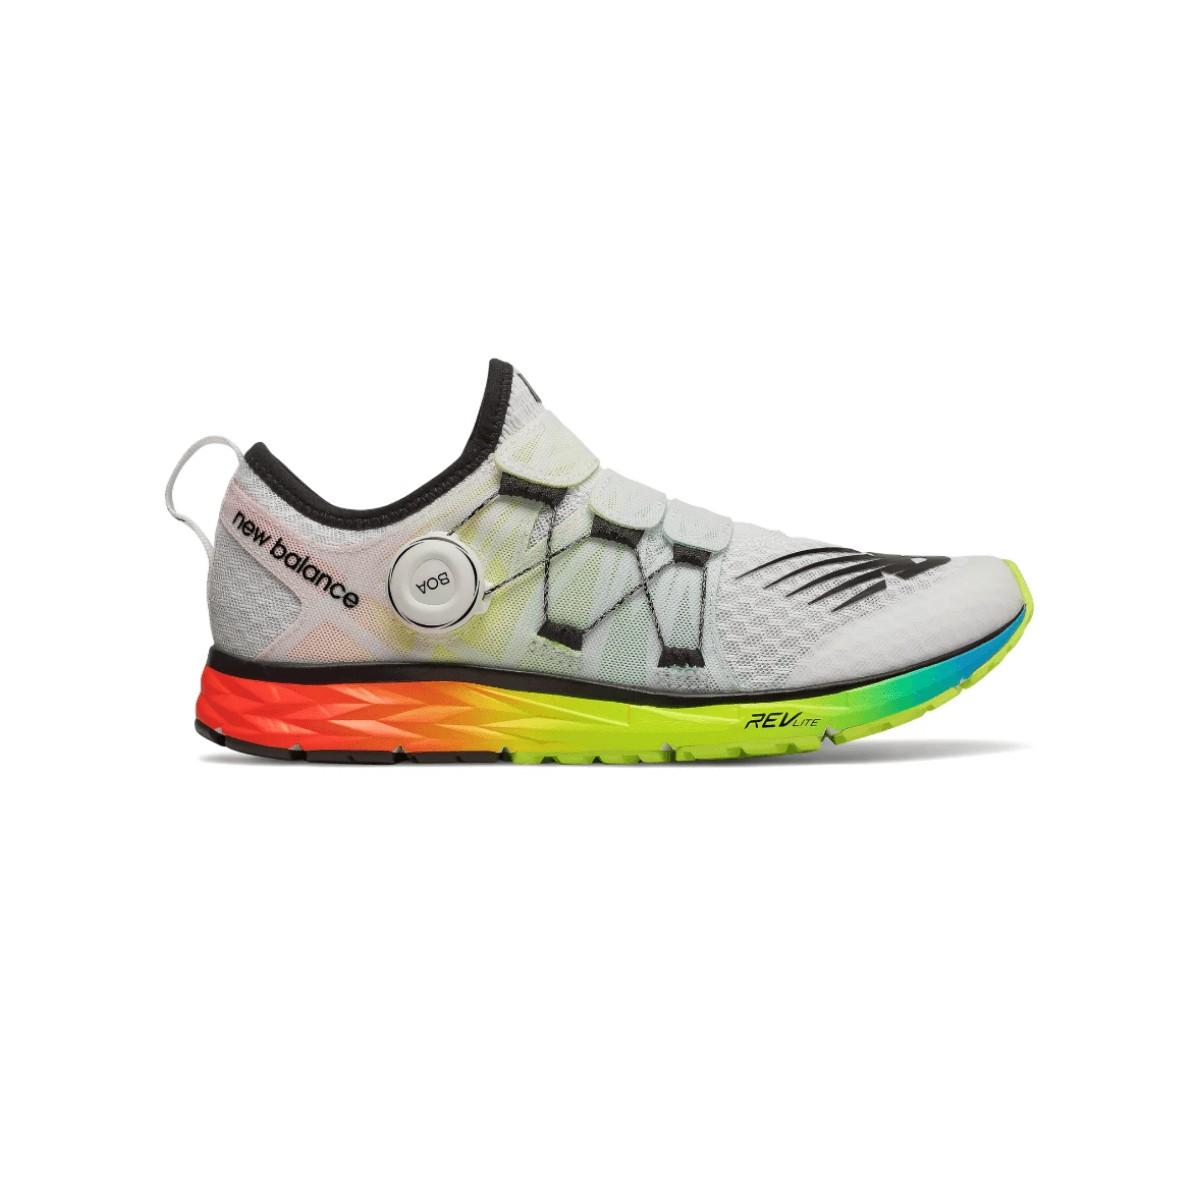 New Balance 1500 V4 BOA White Men's Shoes